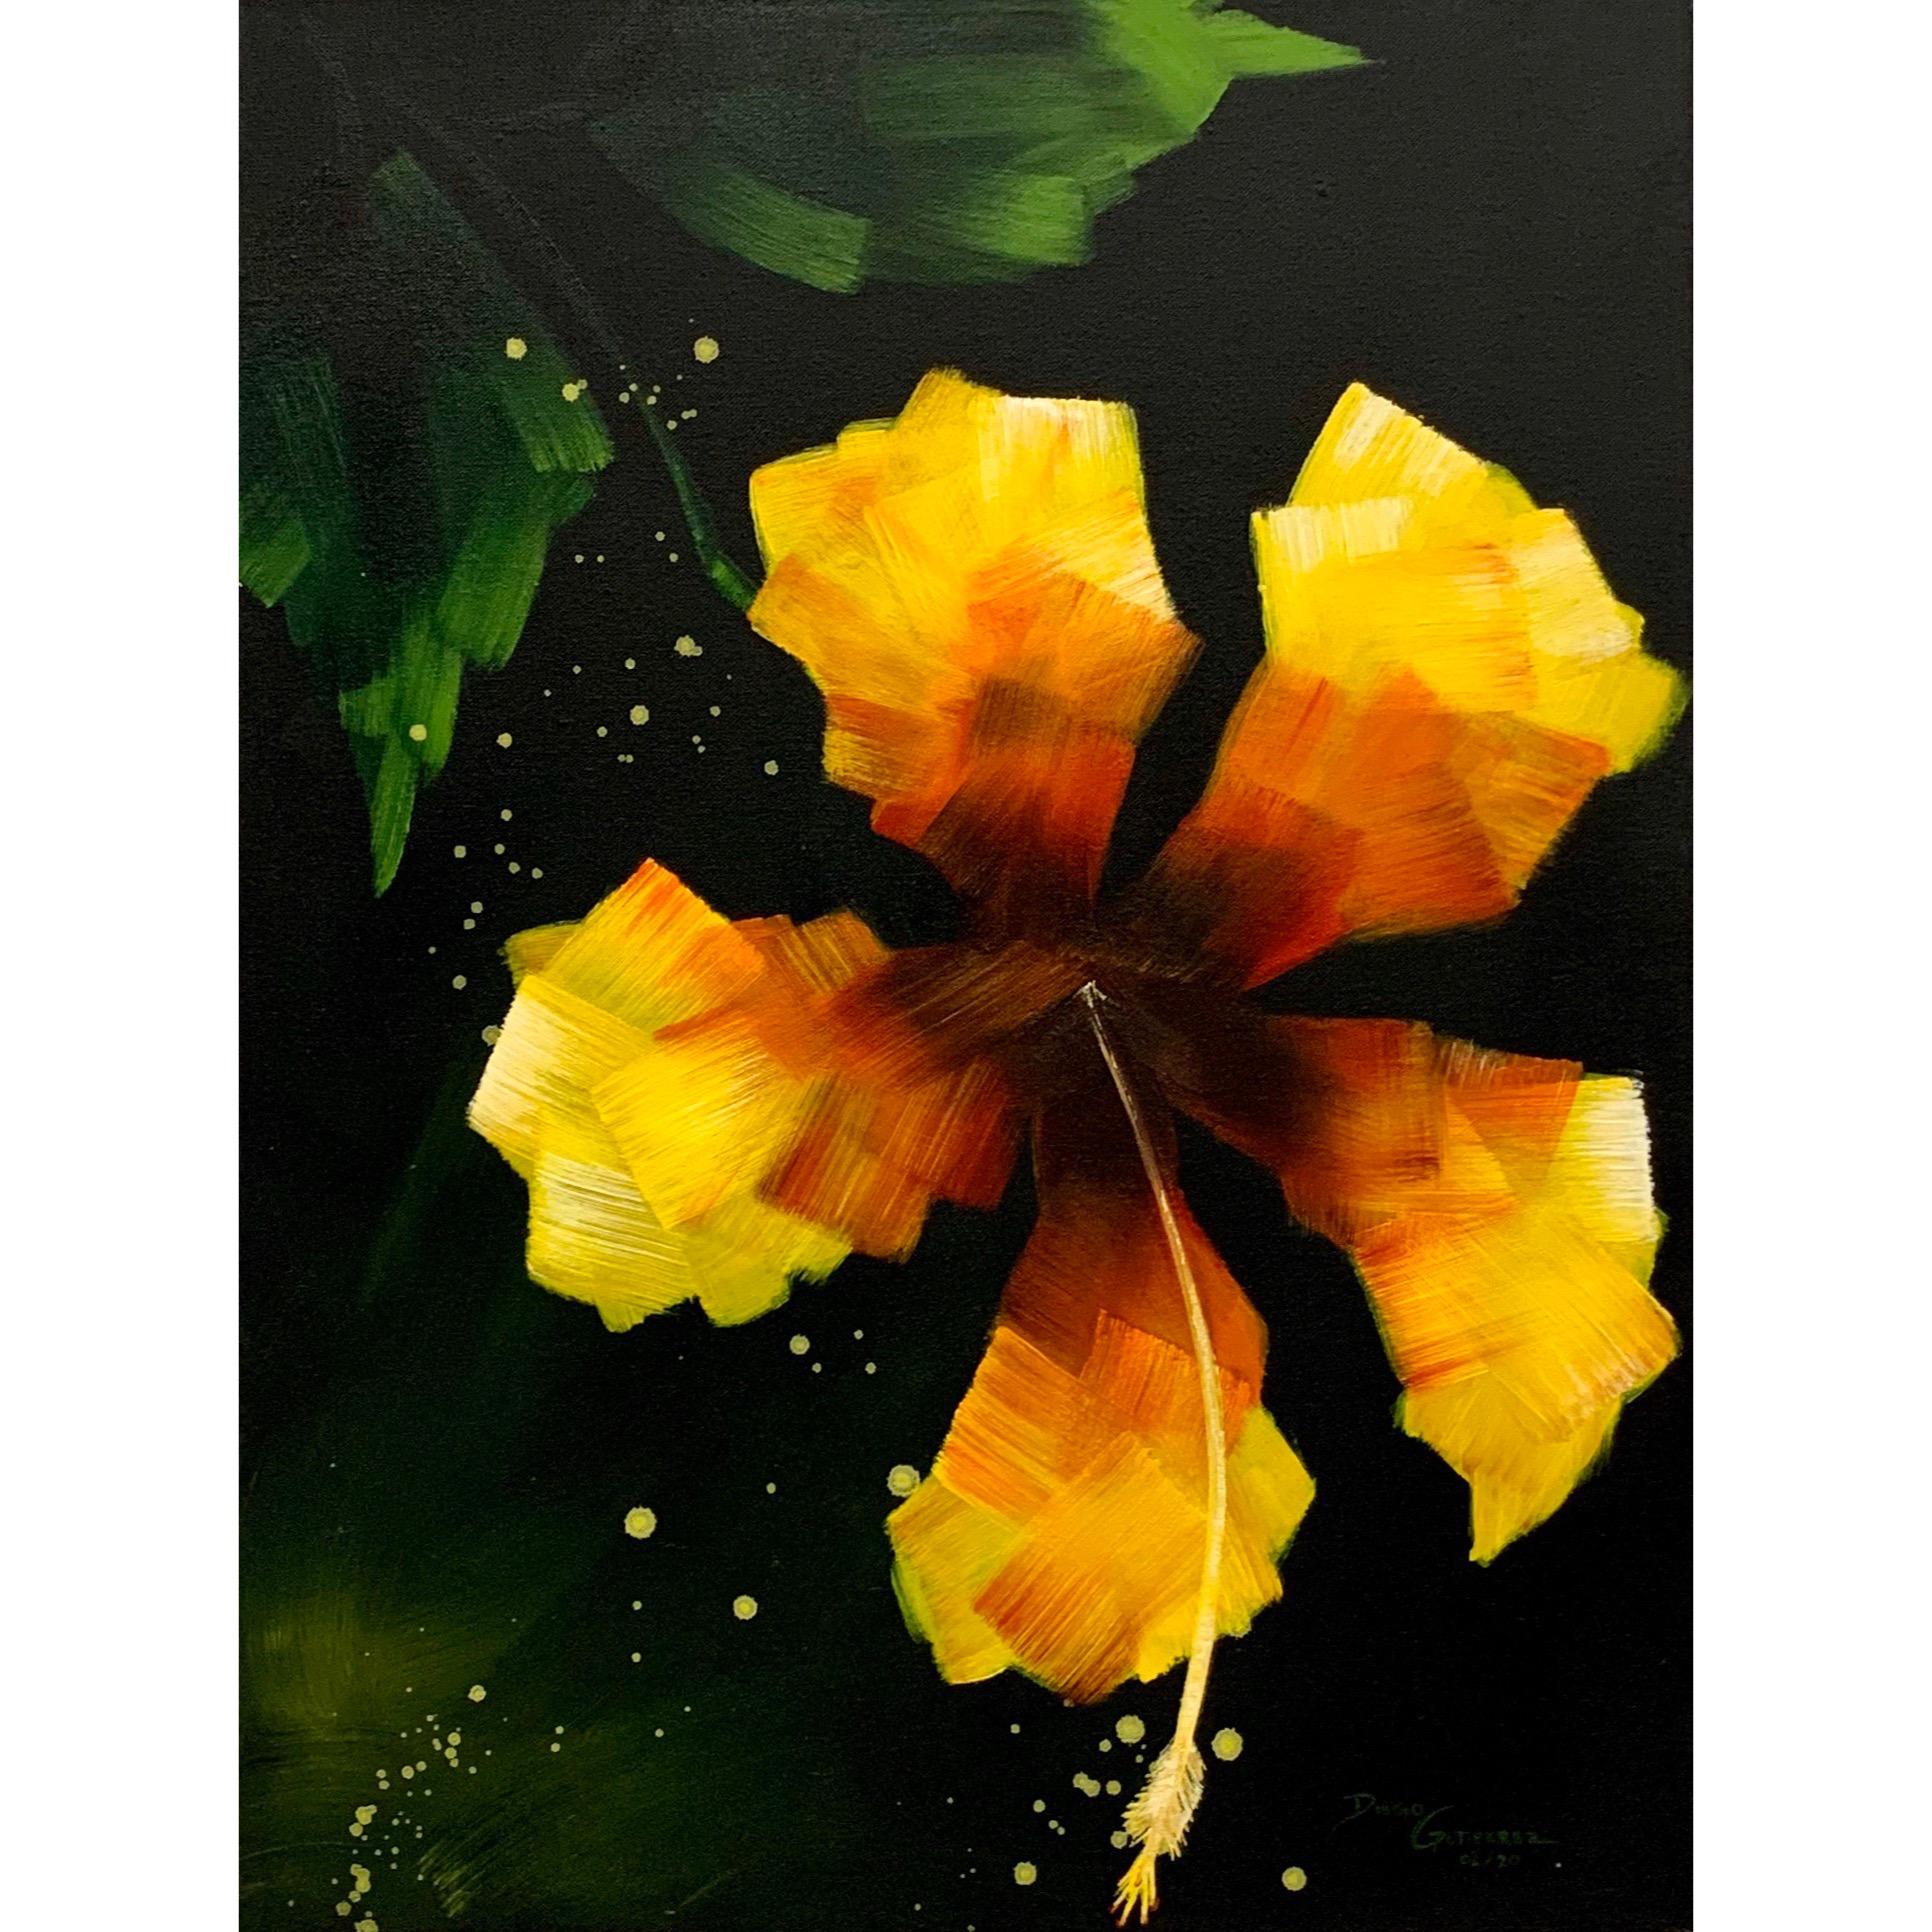 diego-gutierrez-gallery-plants-yellow-flower-06